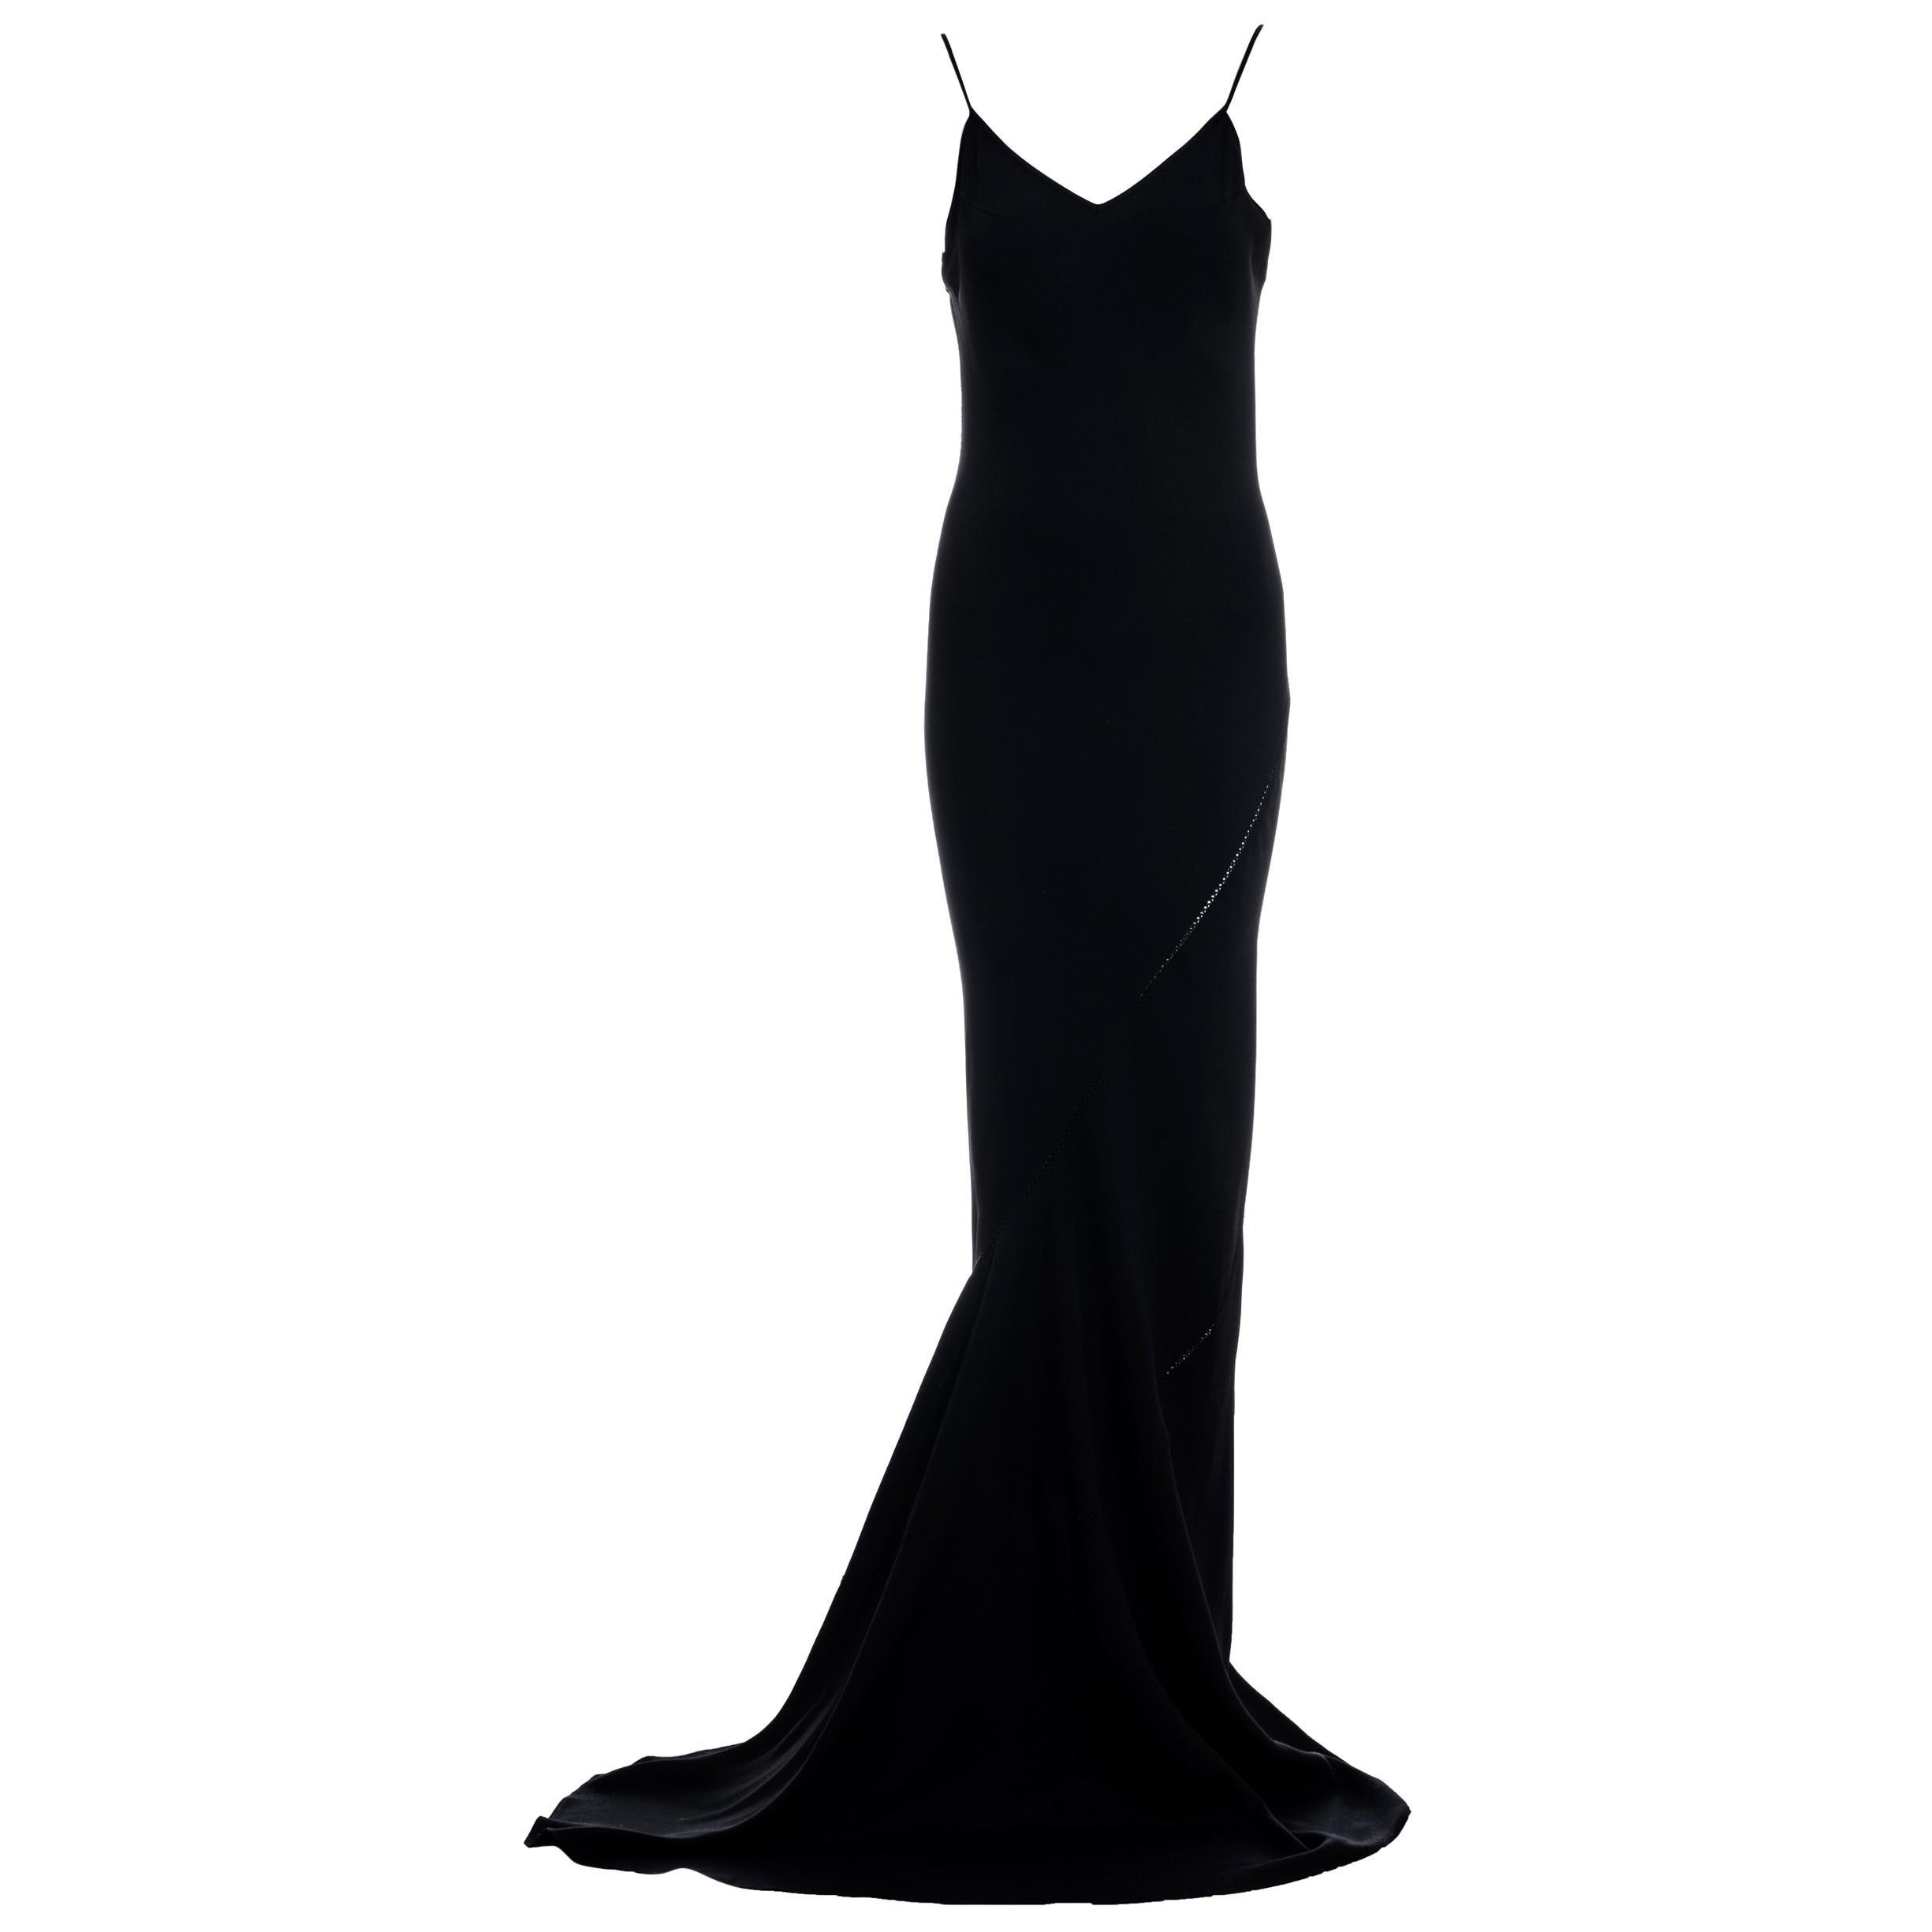 John Galliano black bias-cut trained slip dress, ss 1994